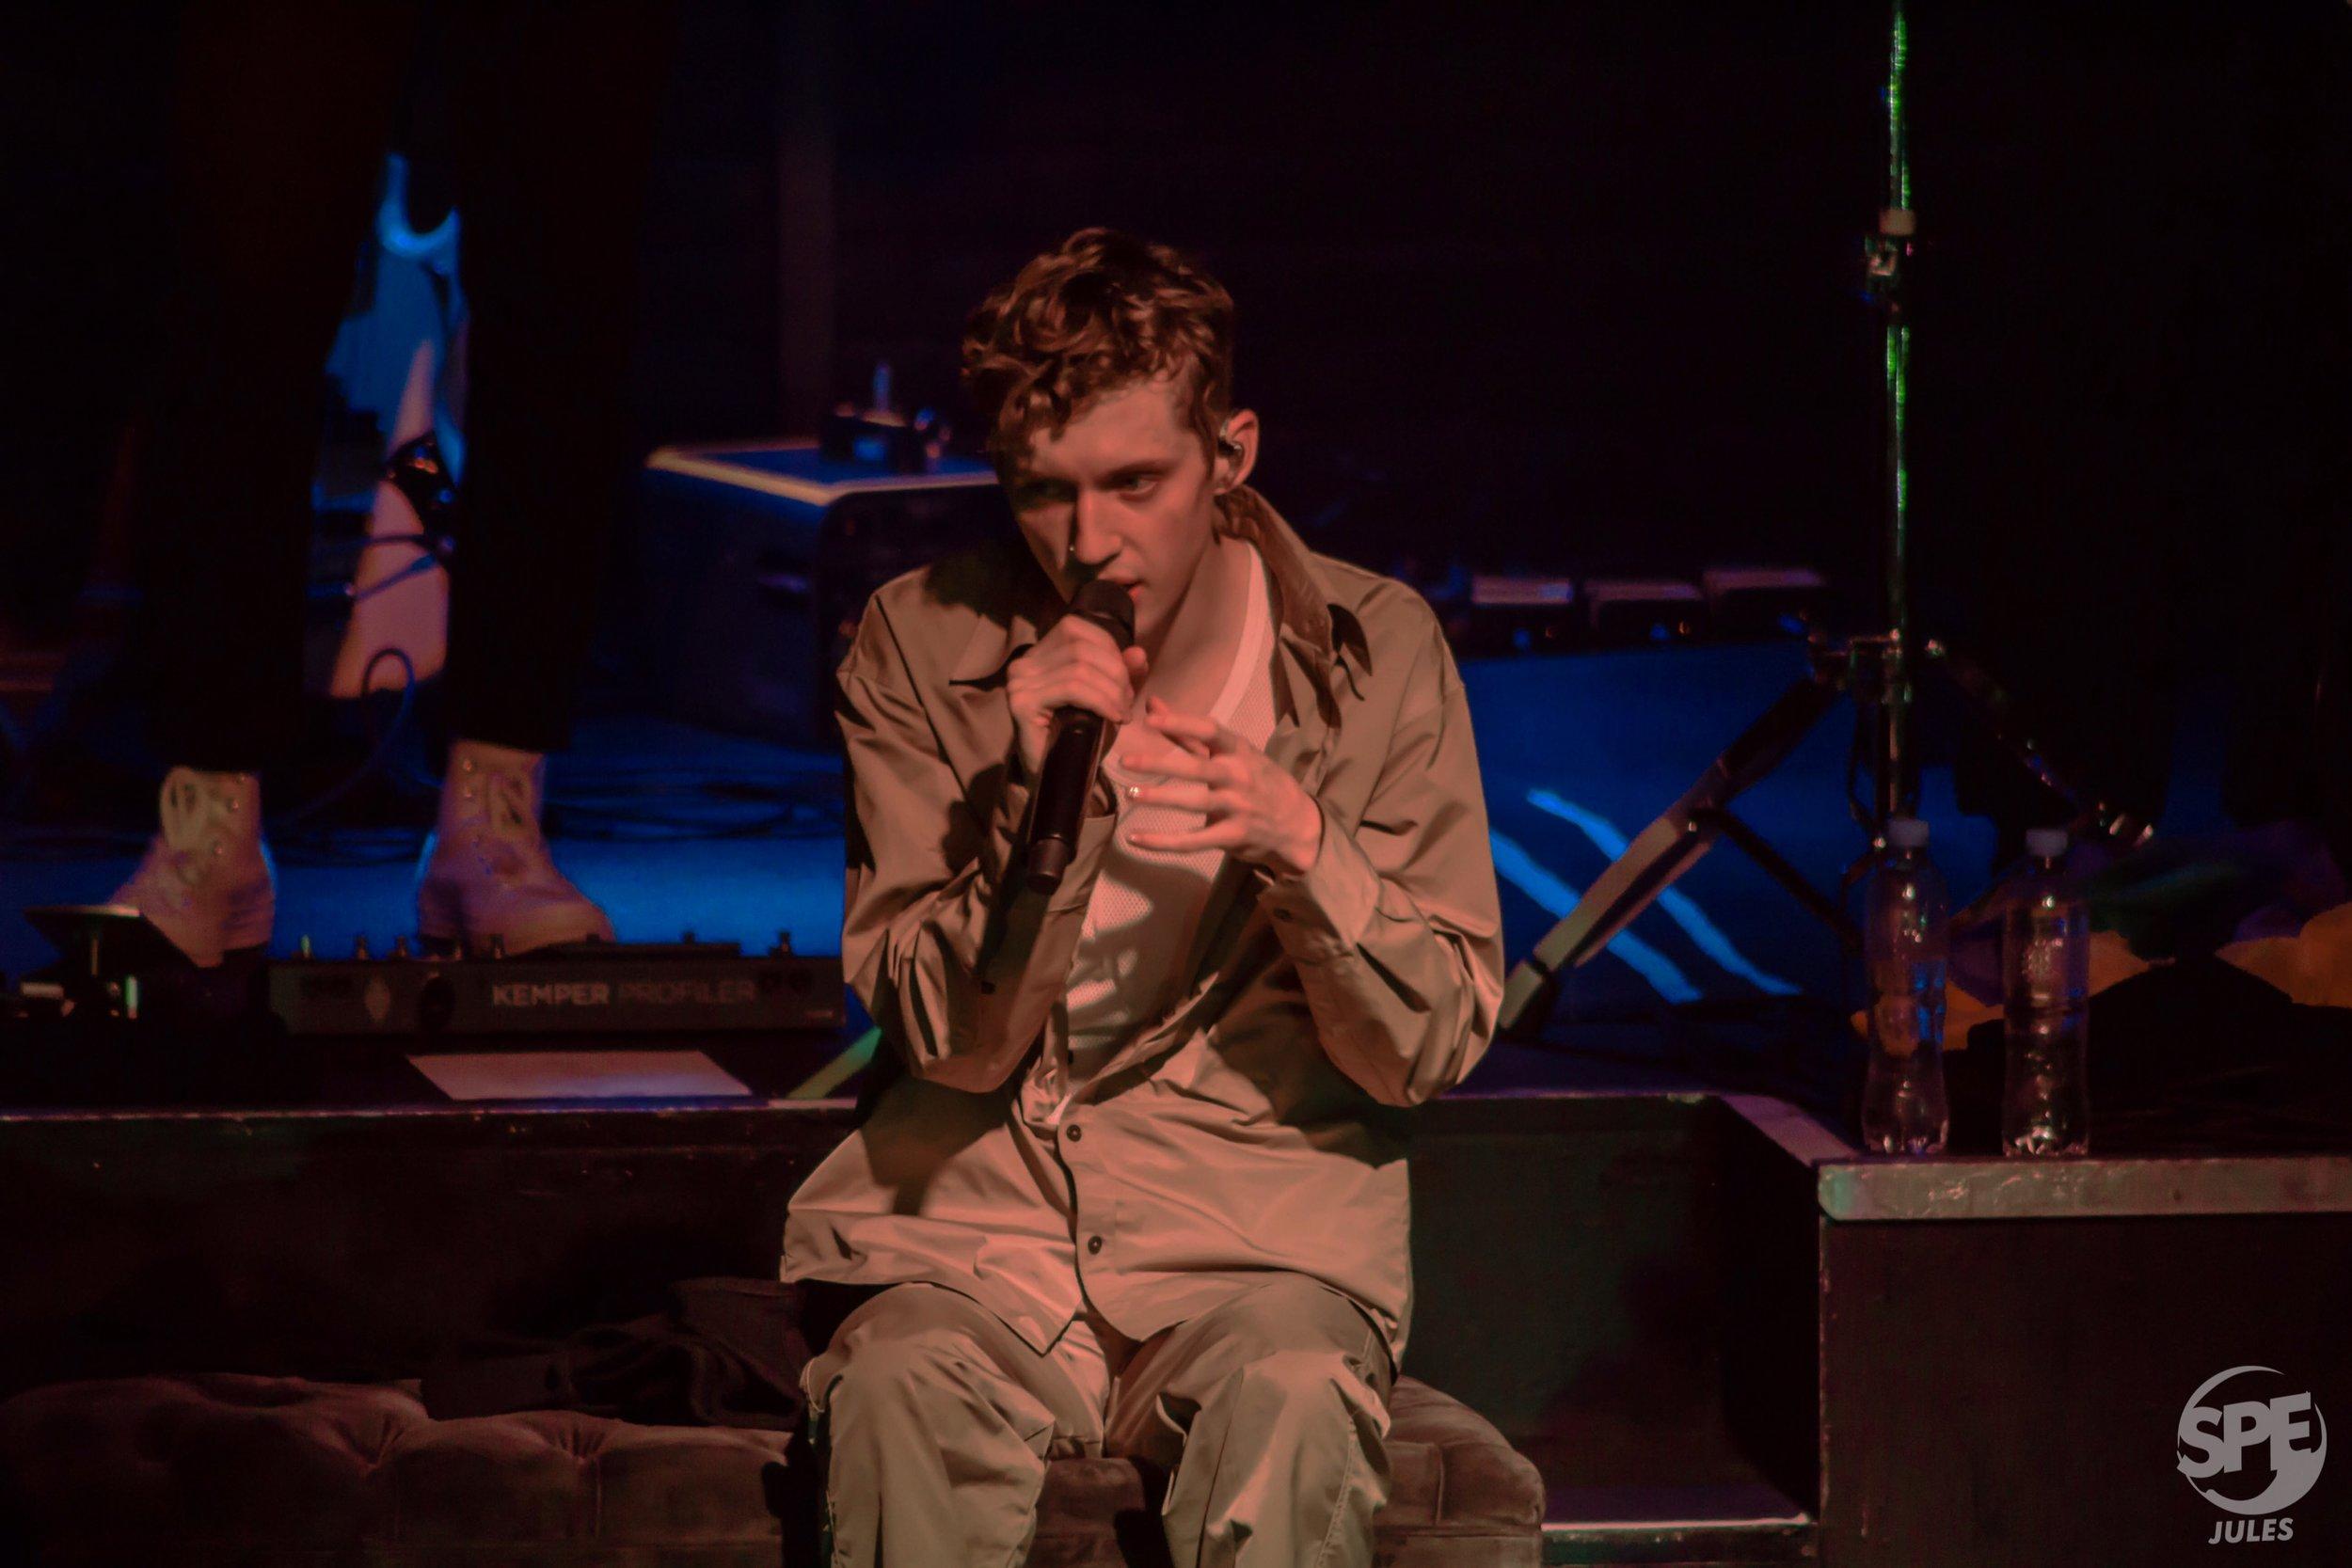 TROYE SIVAN - 28.03.019 @ NICETO CLUBEl joven autor de éxitos como 'WILD' y 'FOOLS' llegó a Niceto con un esperado sideshow del Lollapalooza.